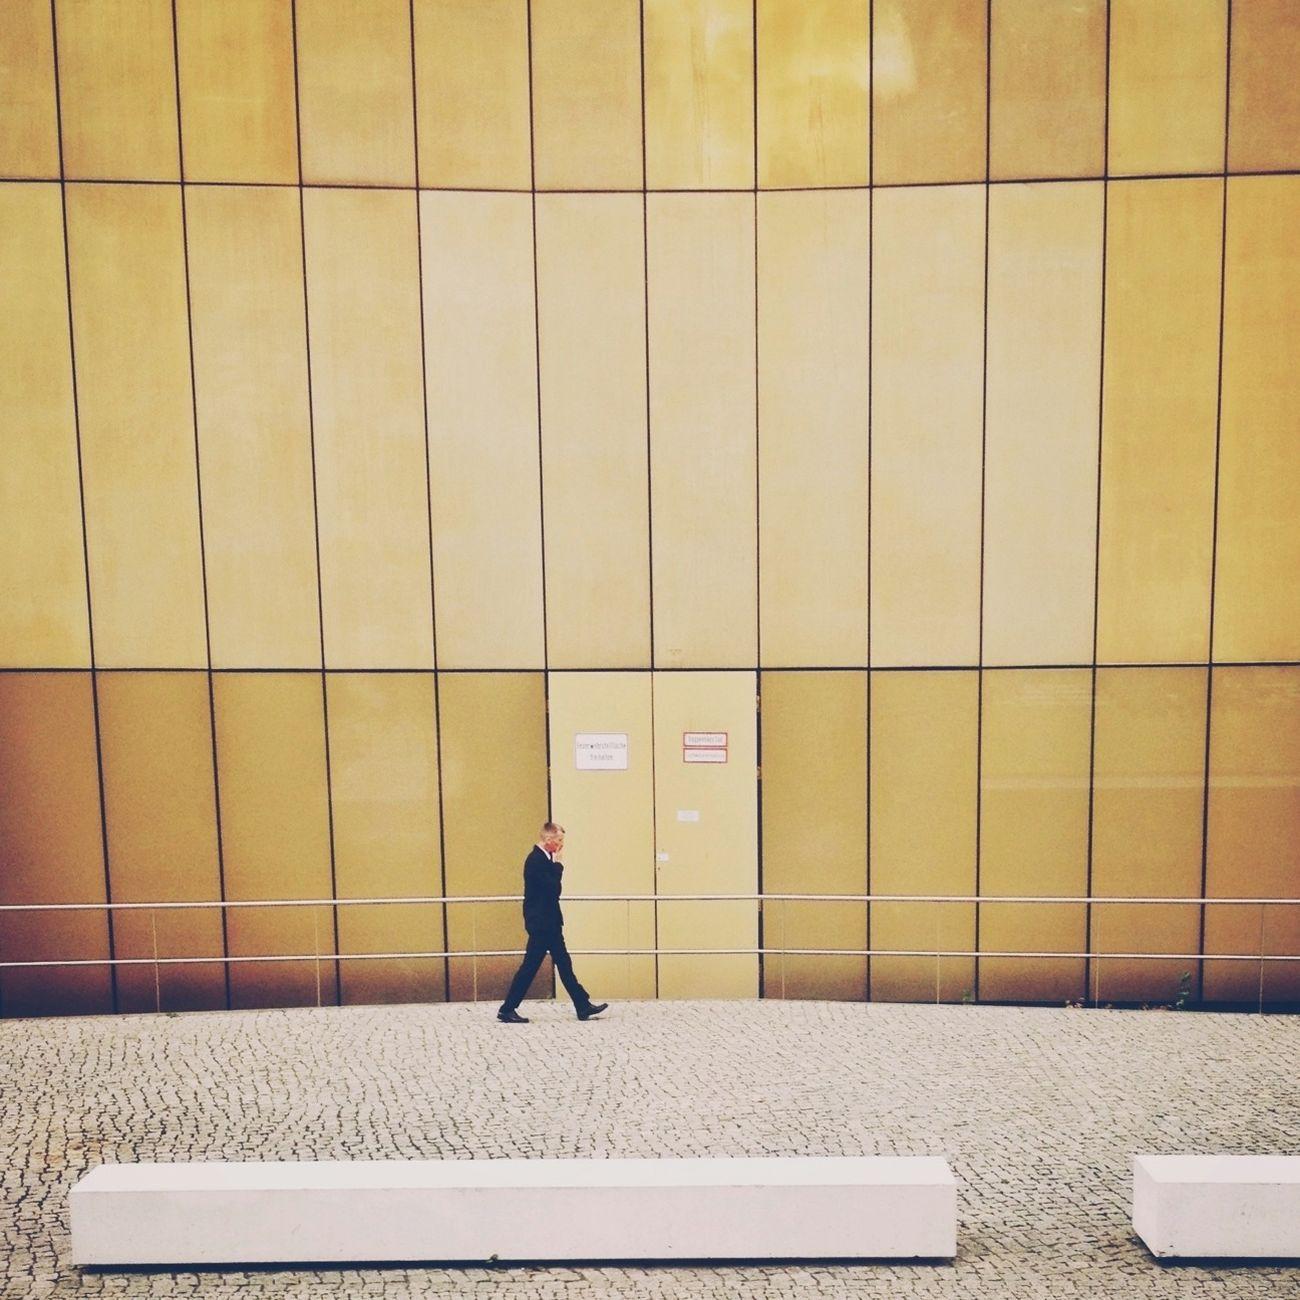 Streetphotography Humatrix Peoplewalkingpastwalls IPSMinimalism